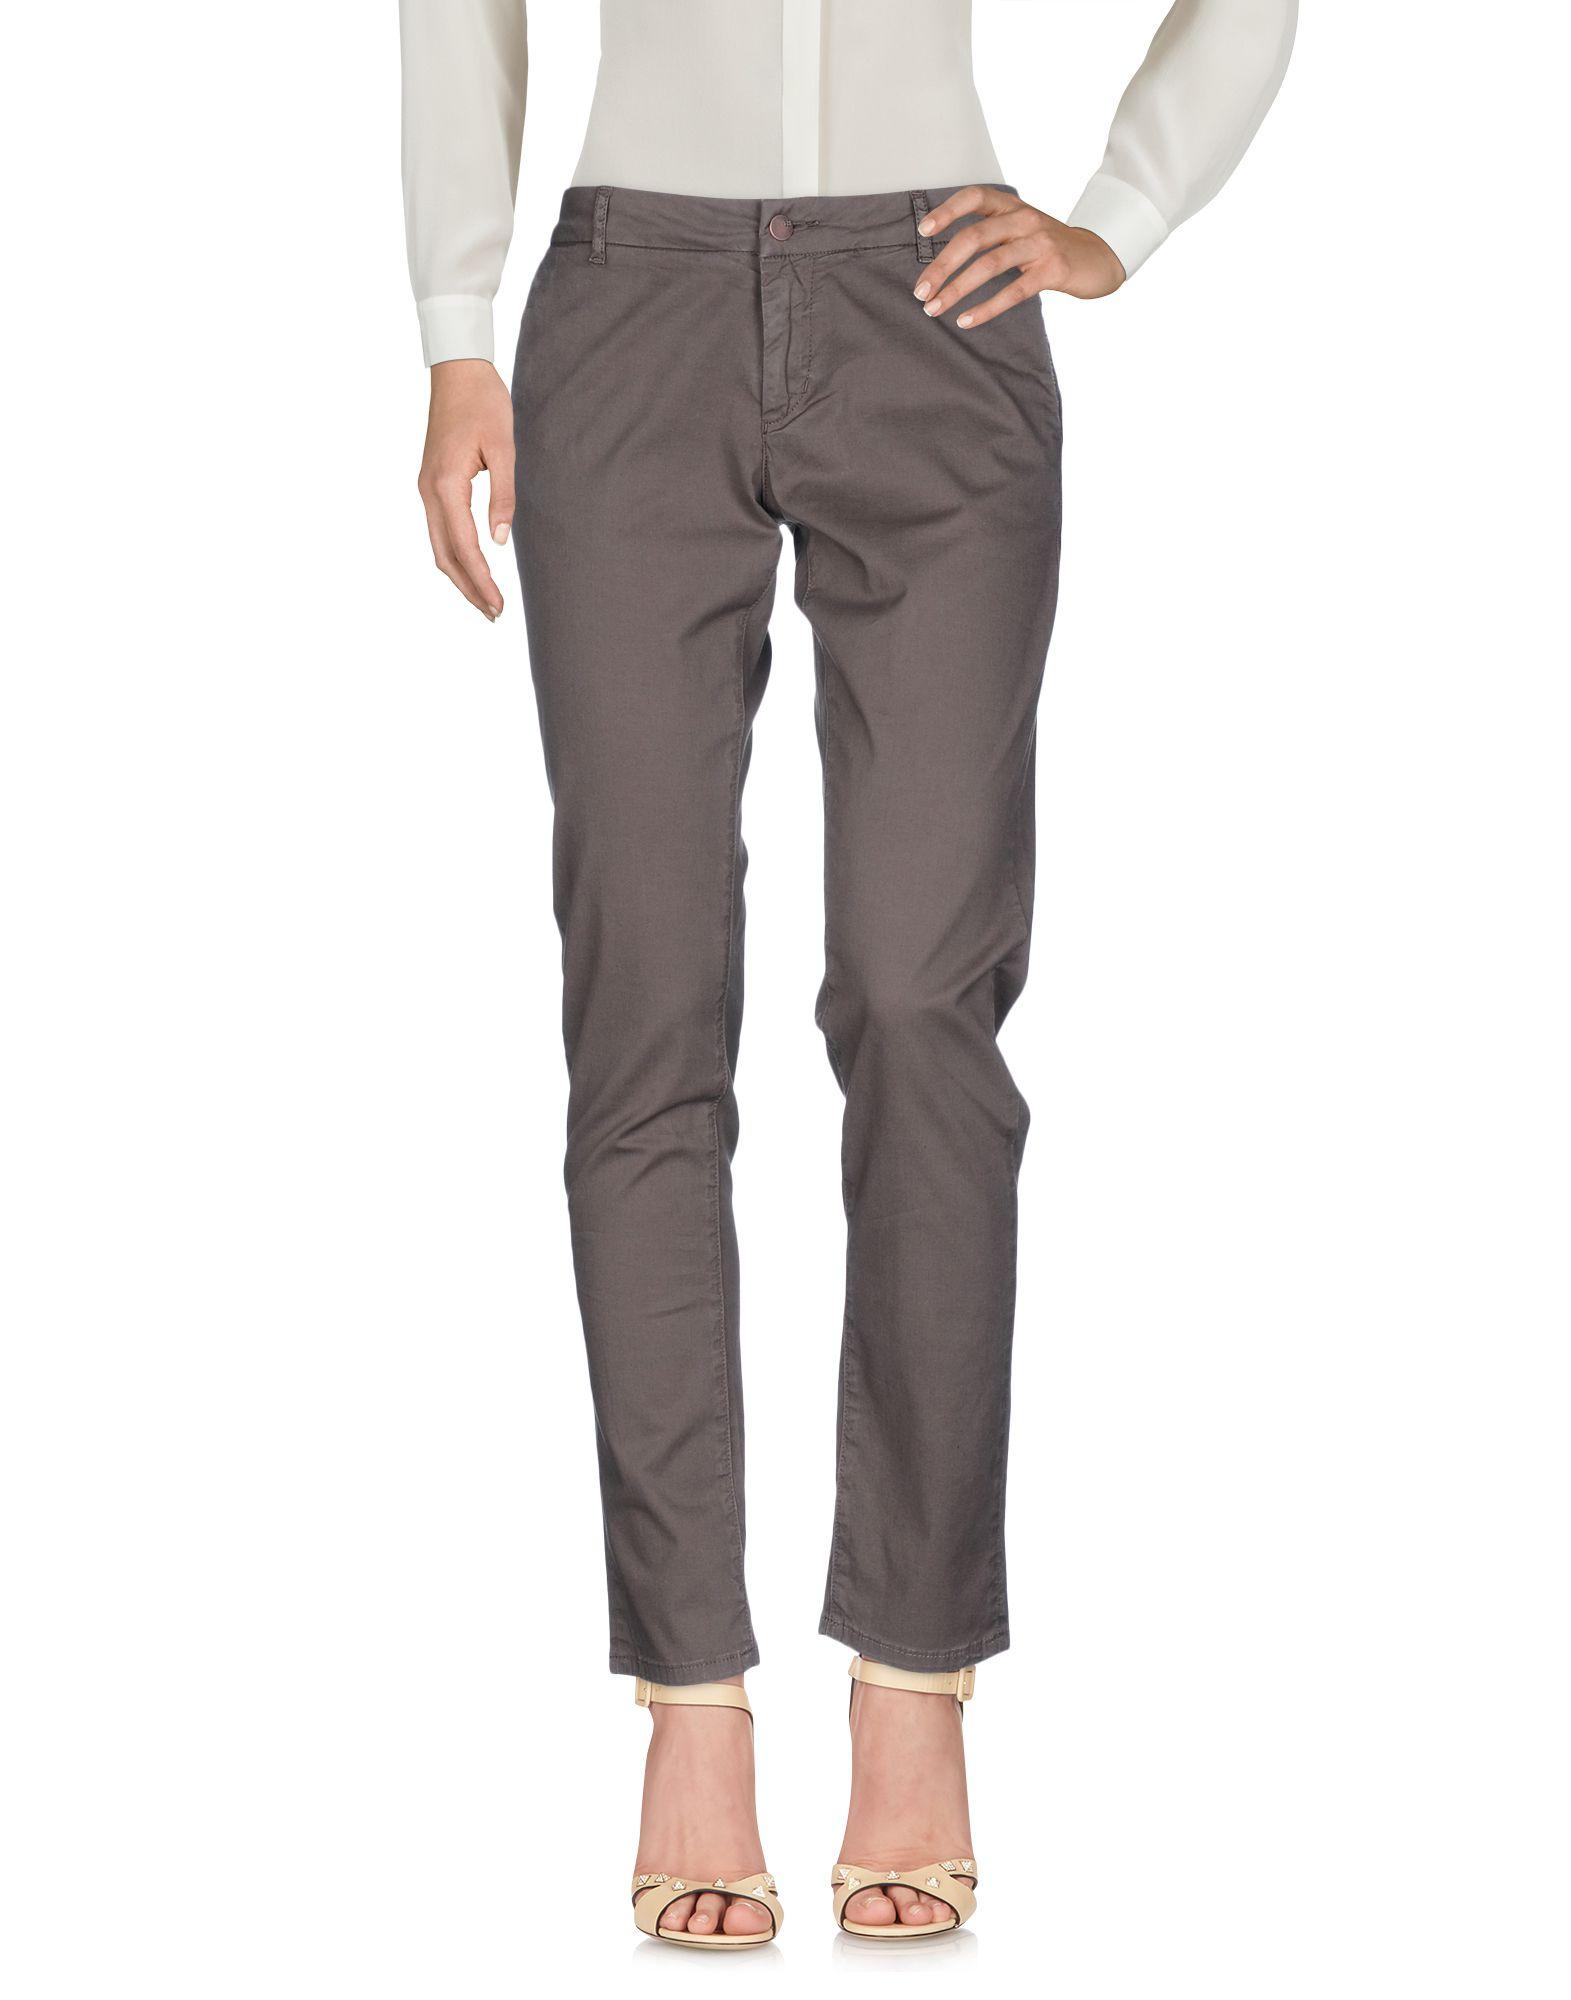 Pantalone Pantalone Pantalone Sun 68 donna - 13109118JG 852